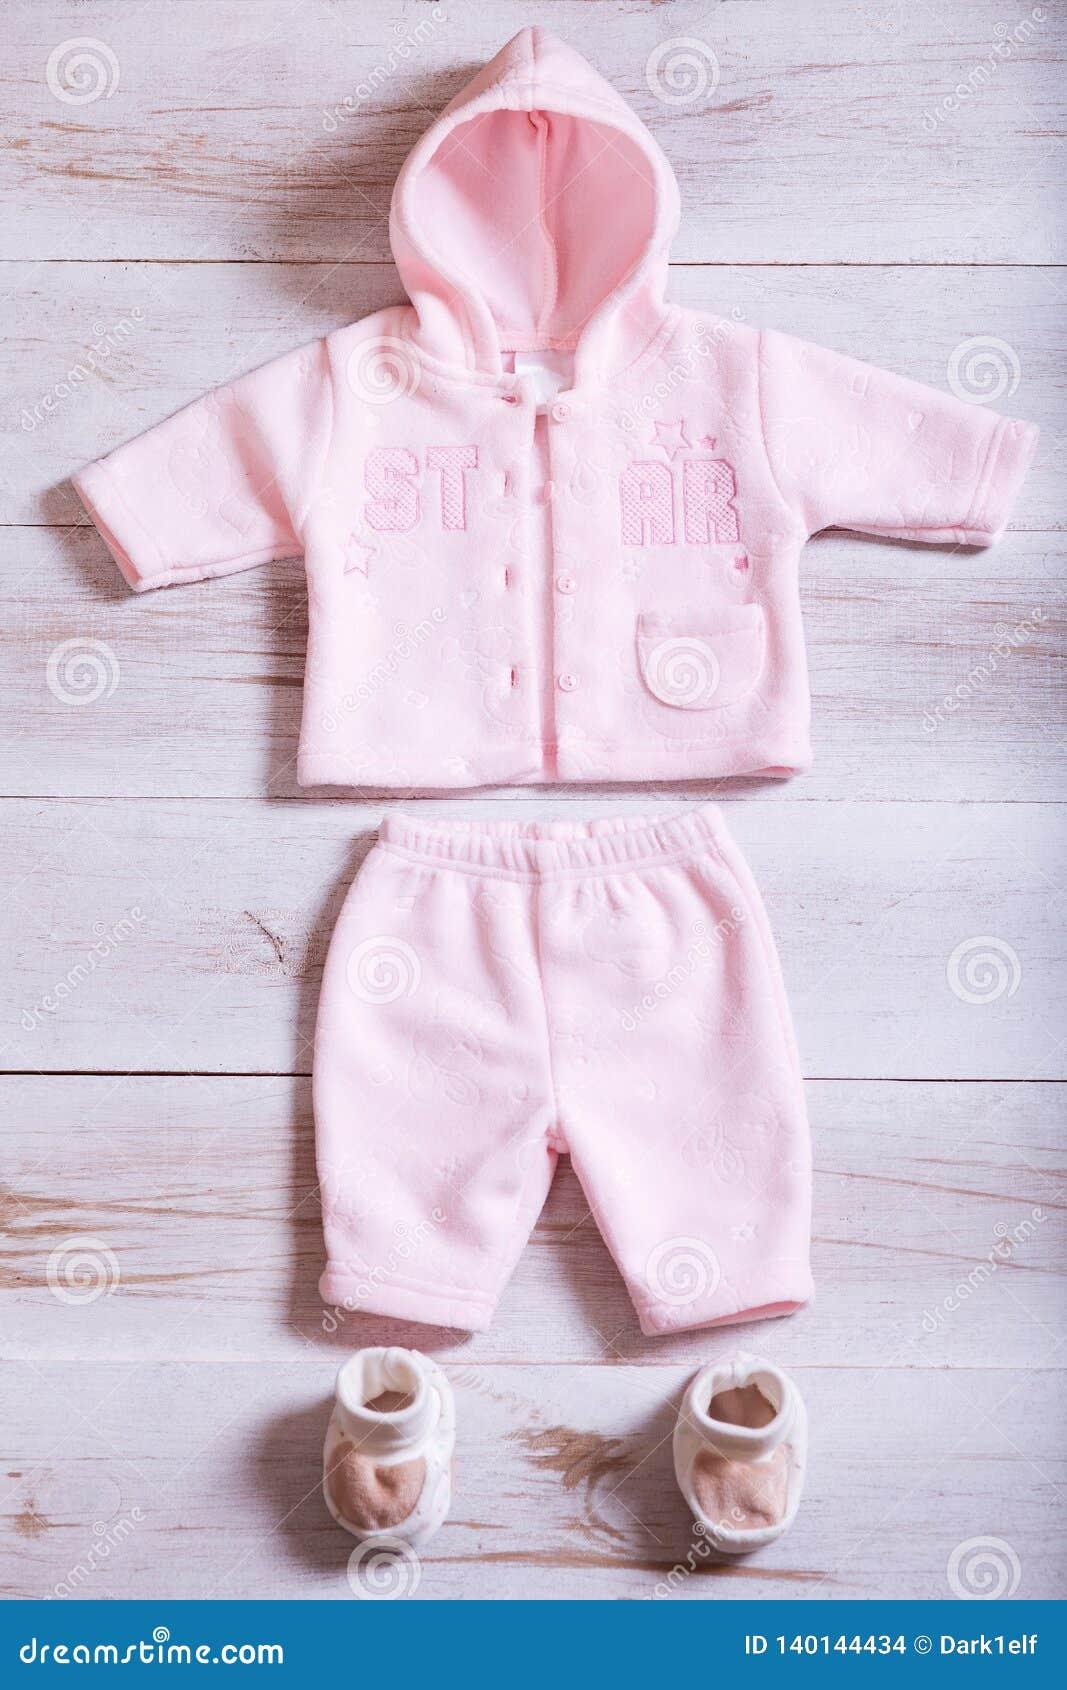 3a35a6c5e8a08 Vêtements et accessoires de bébé sur la table en bois blanche de fond, ensemble  nouveau-né de vêtements de mode d'enfant rose pour la fille, ...